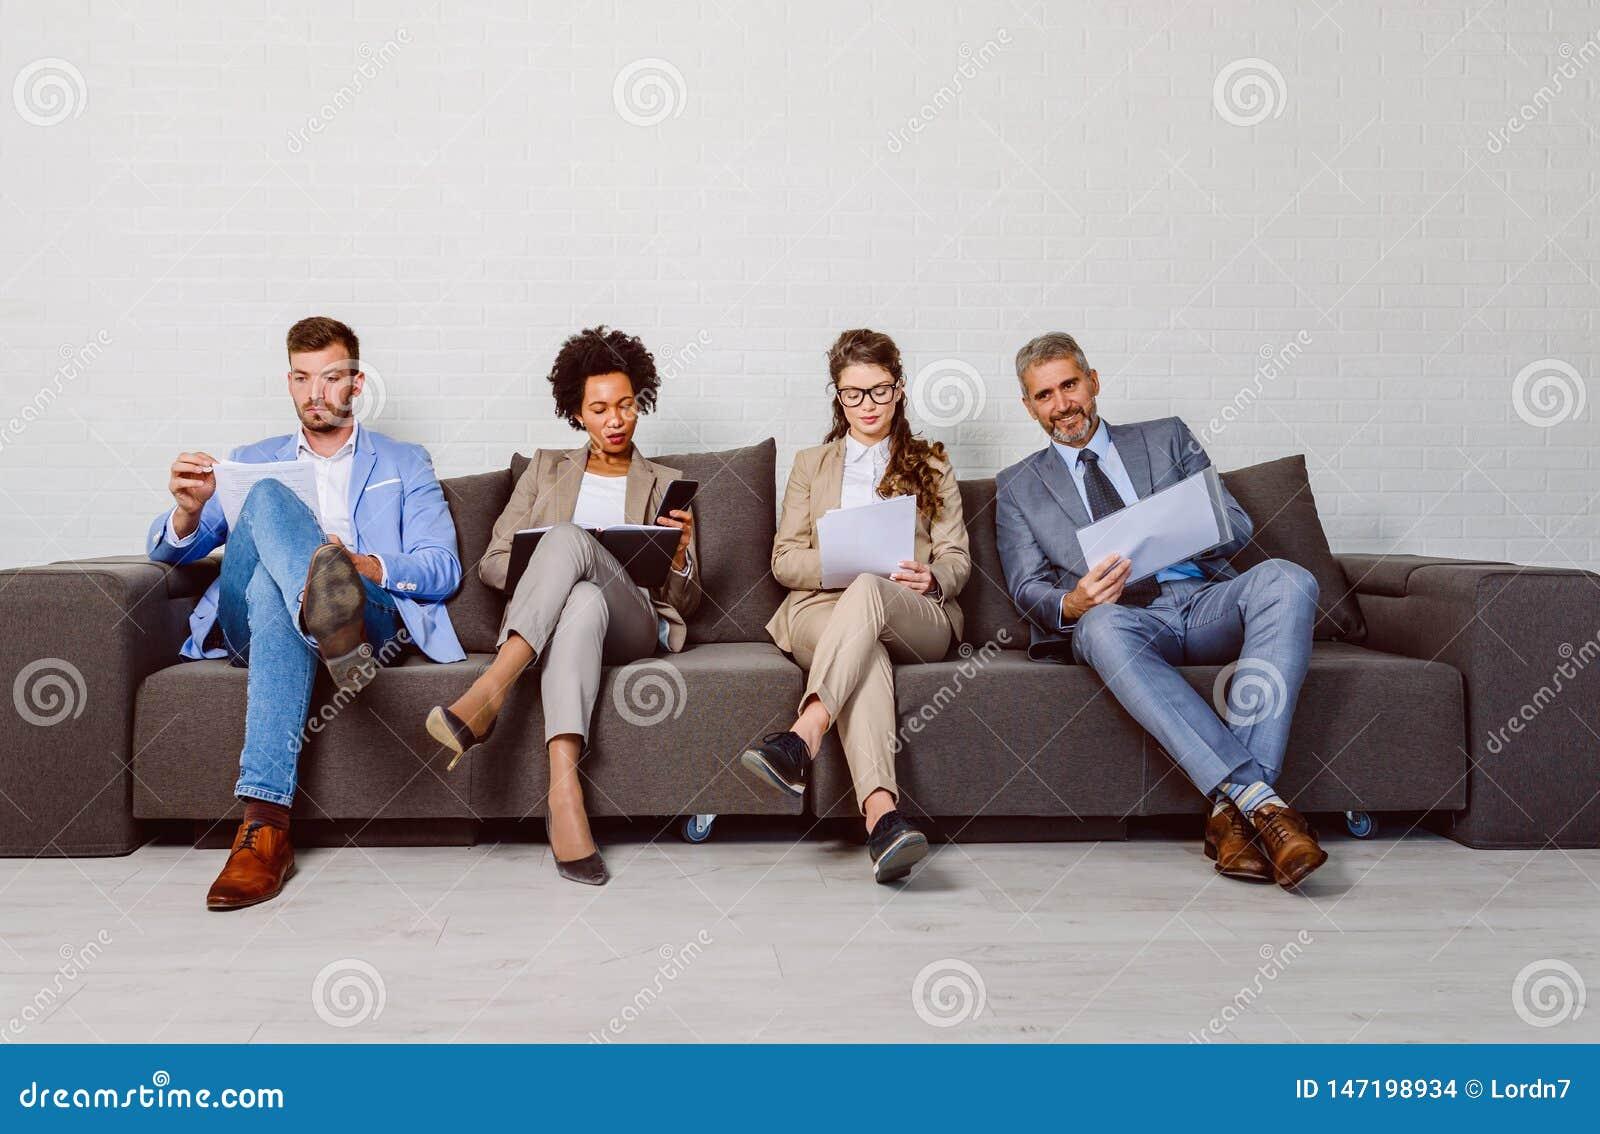 Verschiedene Geschäftsleute, die auf ein Interview warten